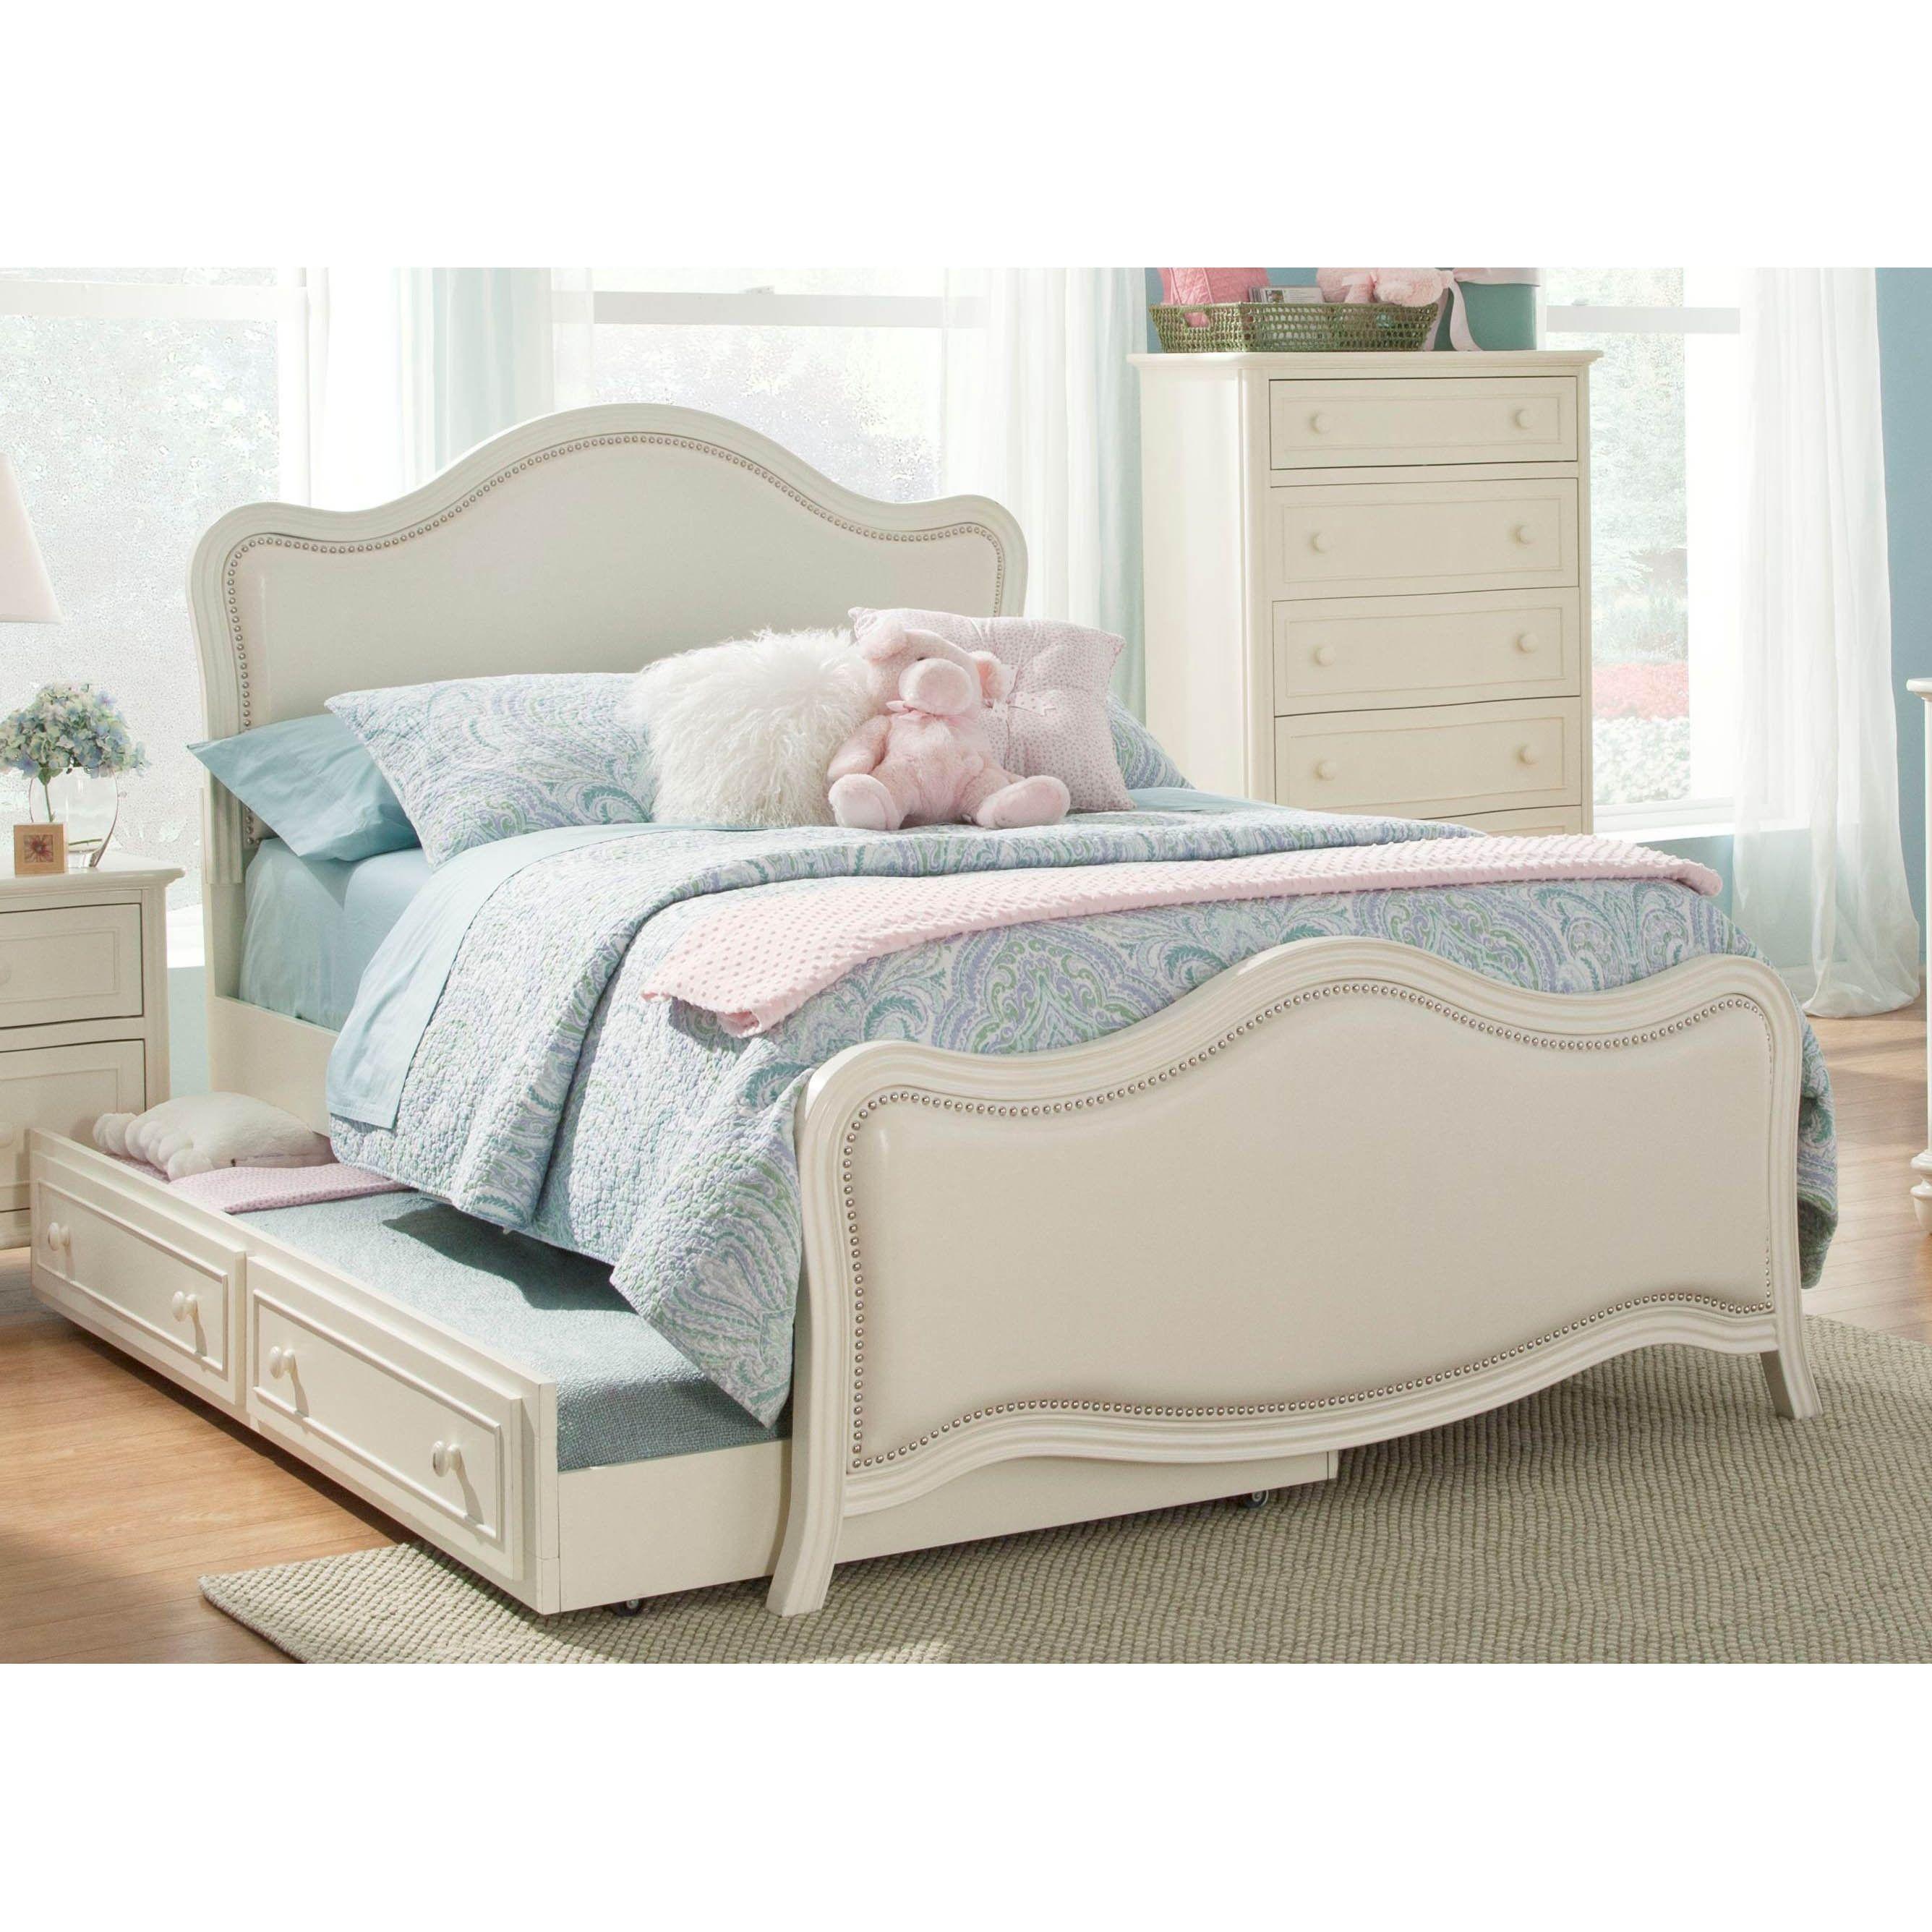 LYKE Home Southland Bed | Compras, Juegos de dormitorio y Camas